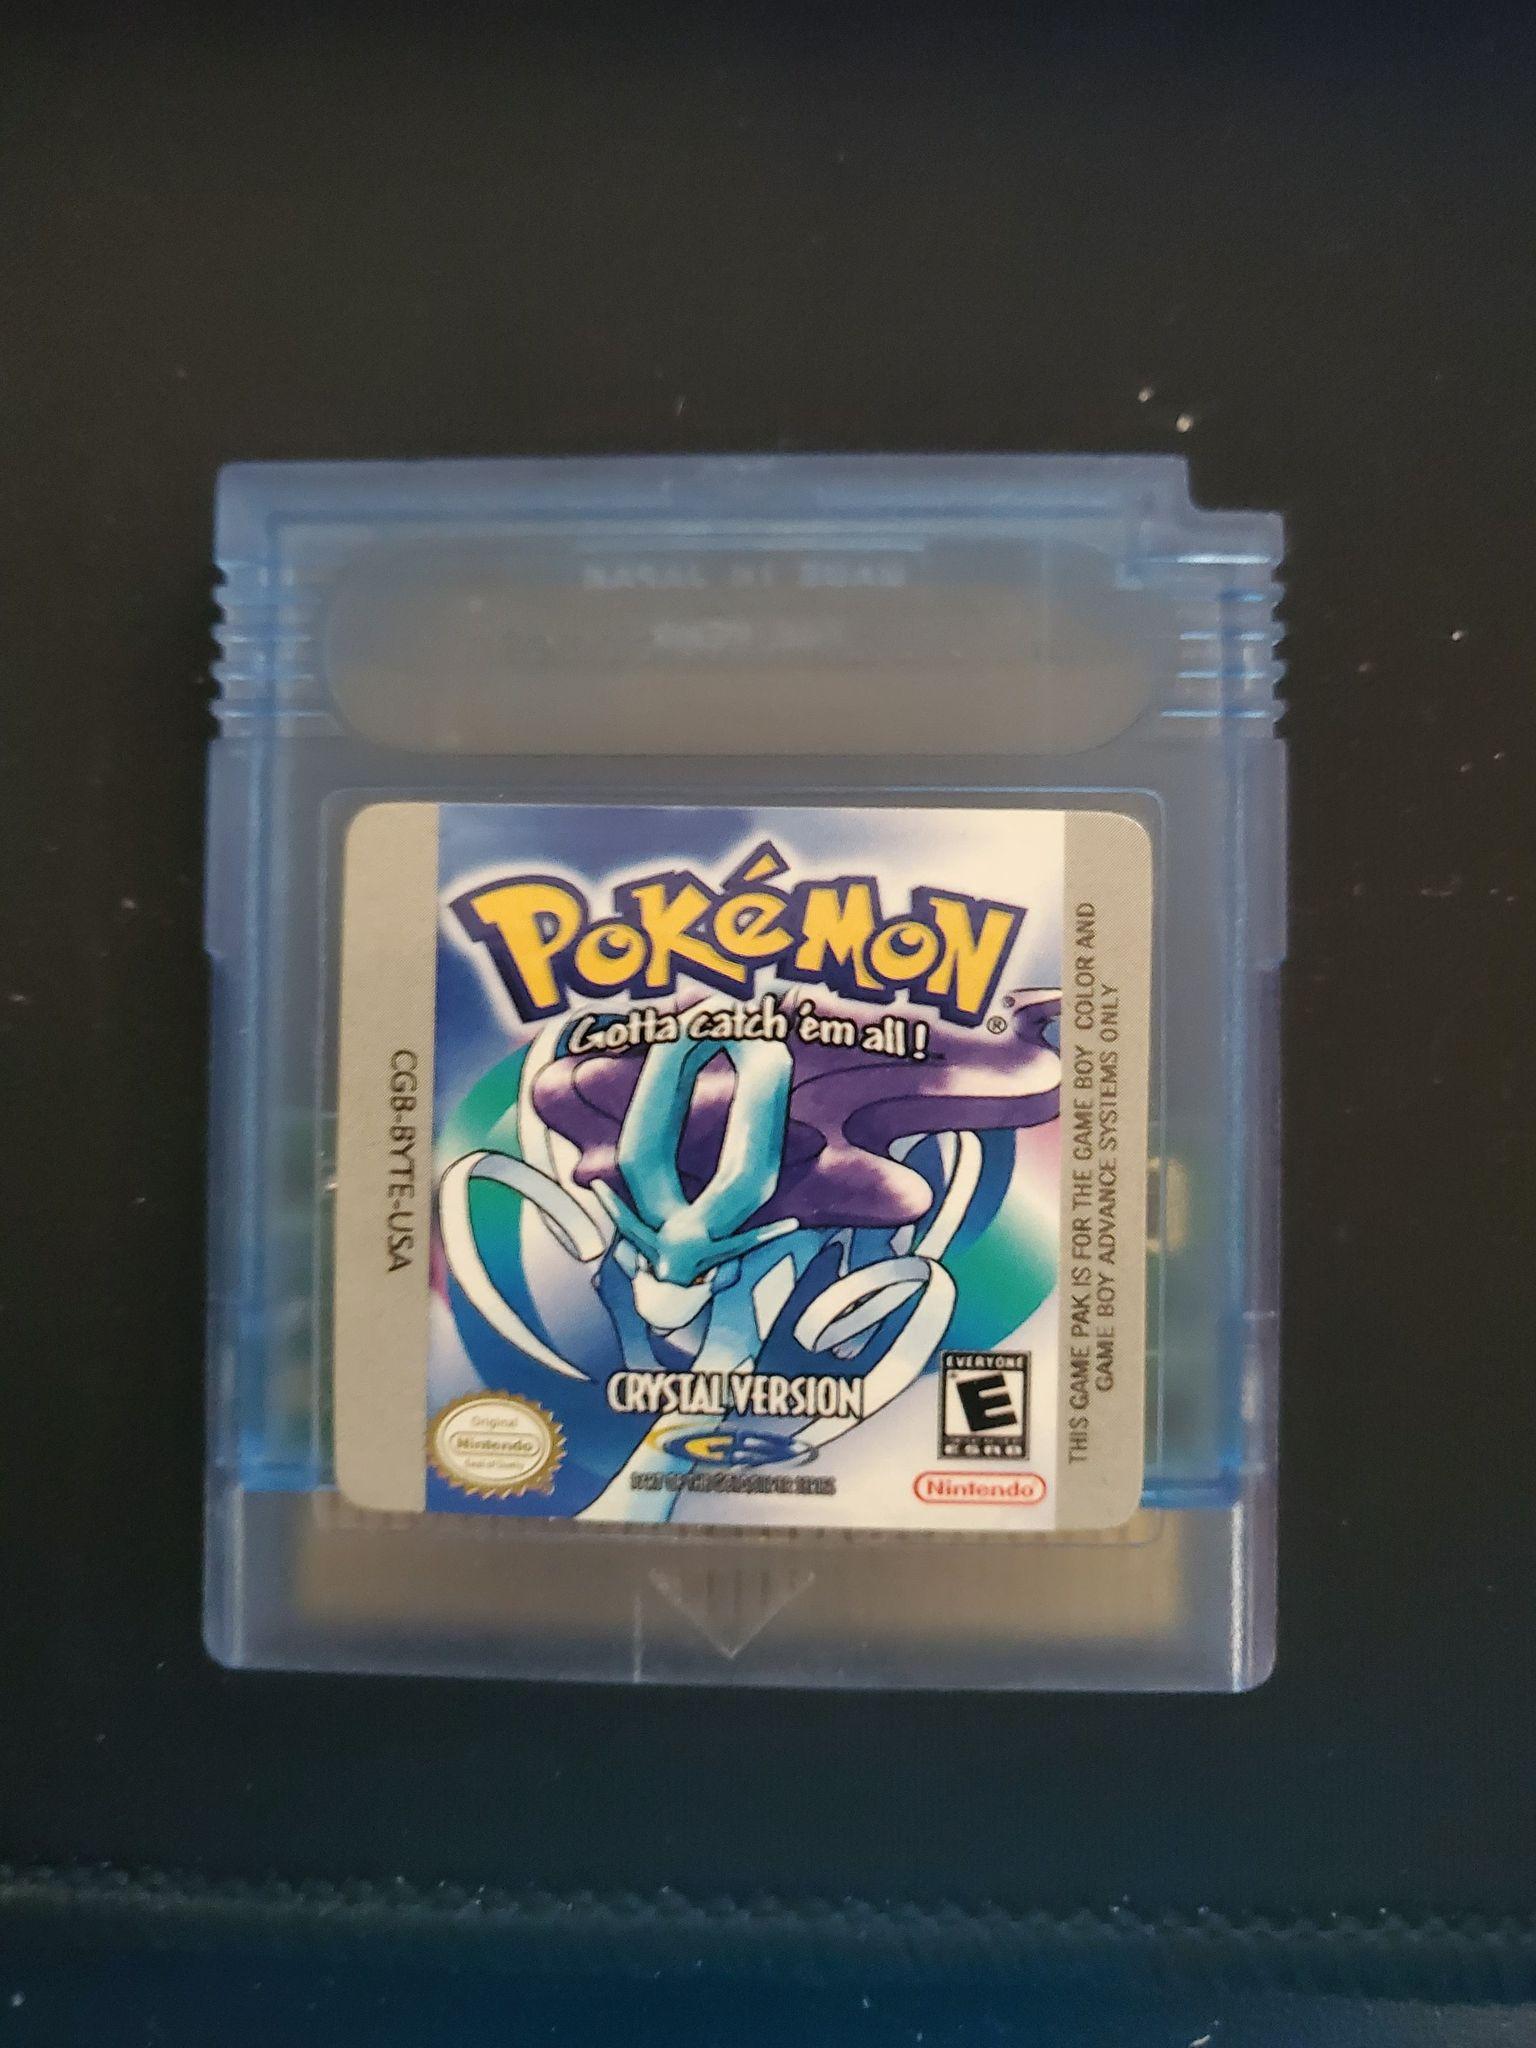 A Pokémon Crystal Bootleg